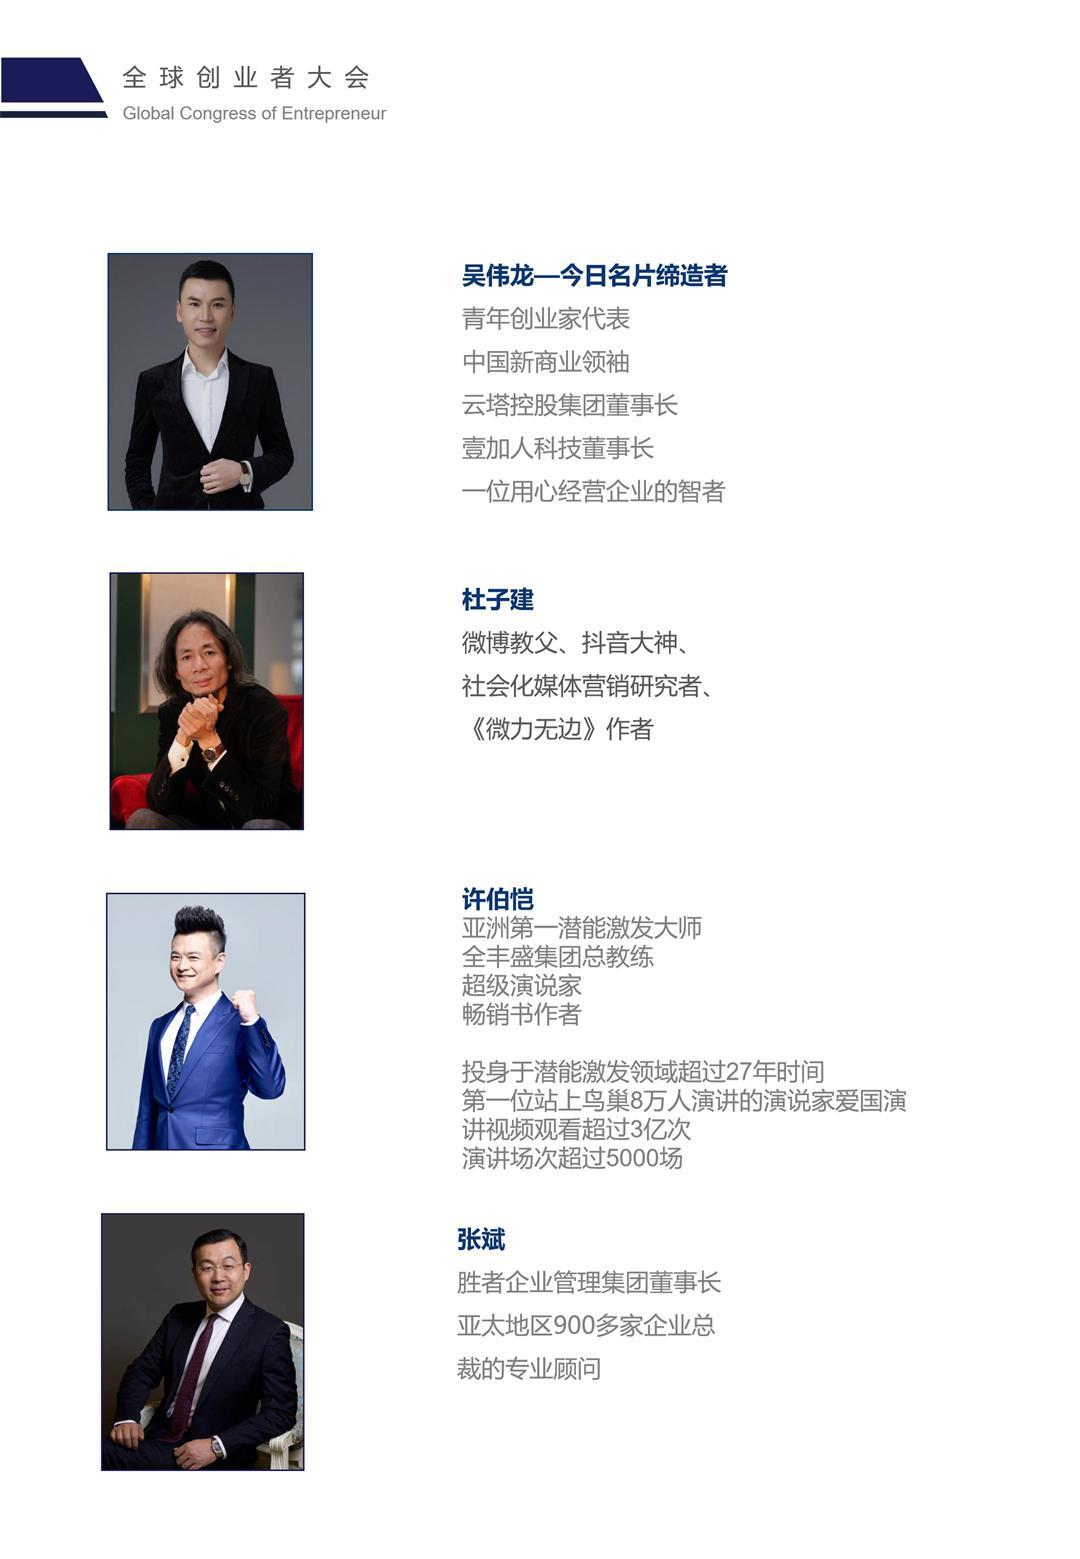 全球创新者大会-社交营销峰会(邀请函)_04.jpg